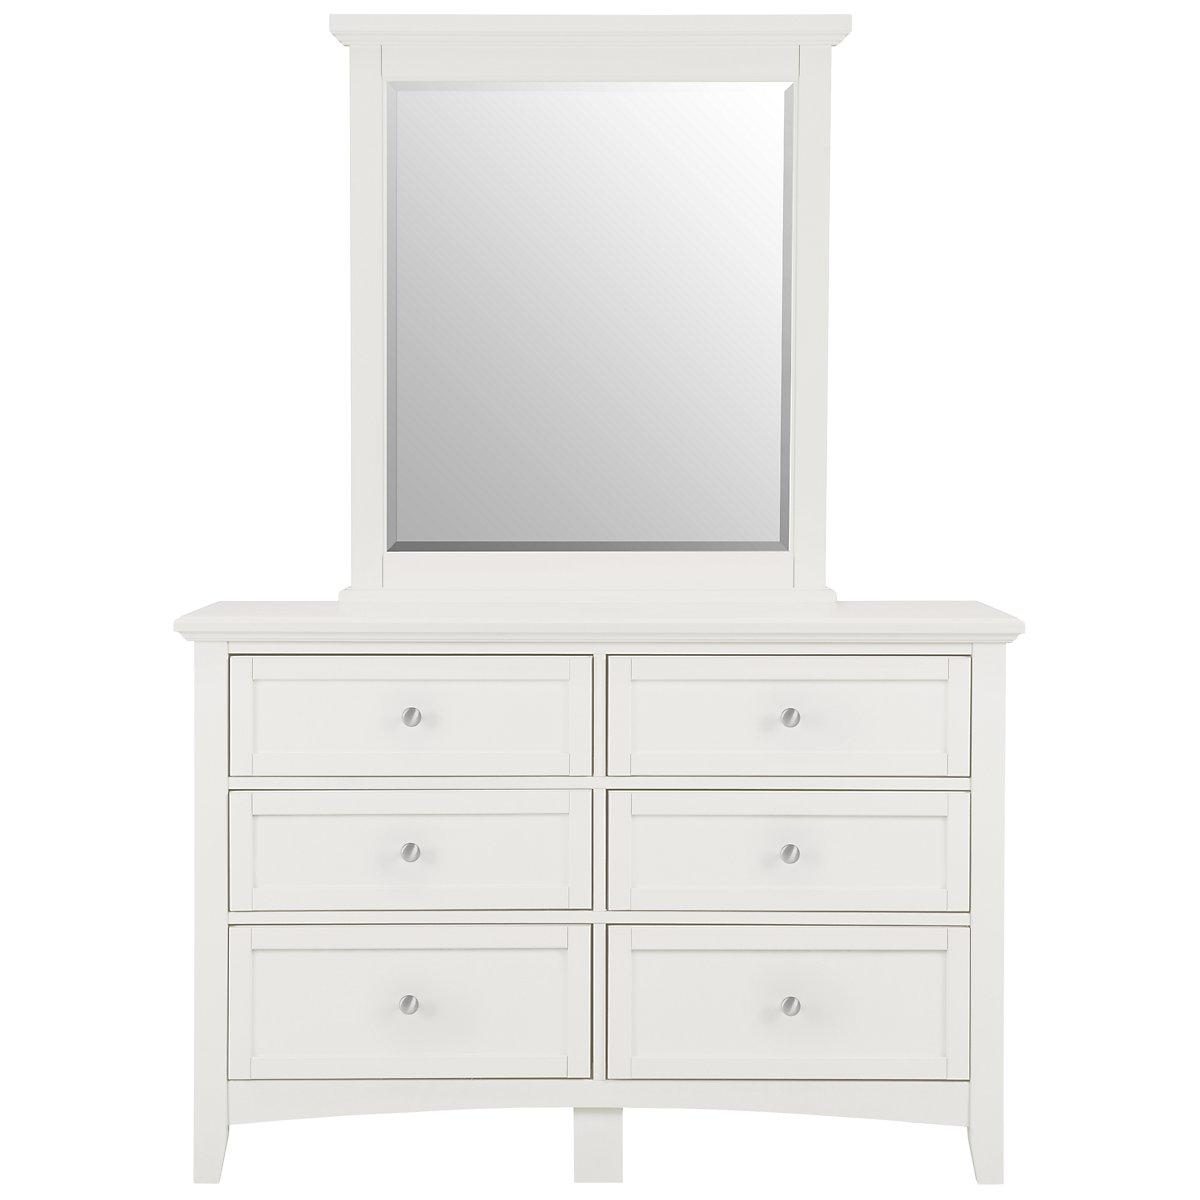 city furniture captiva white small dresser mirror